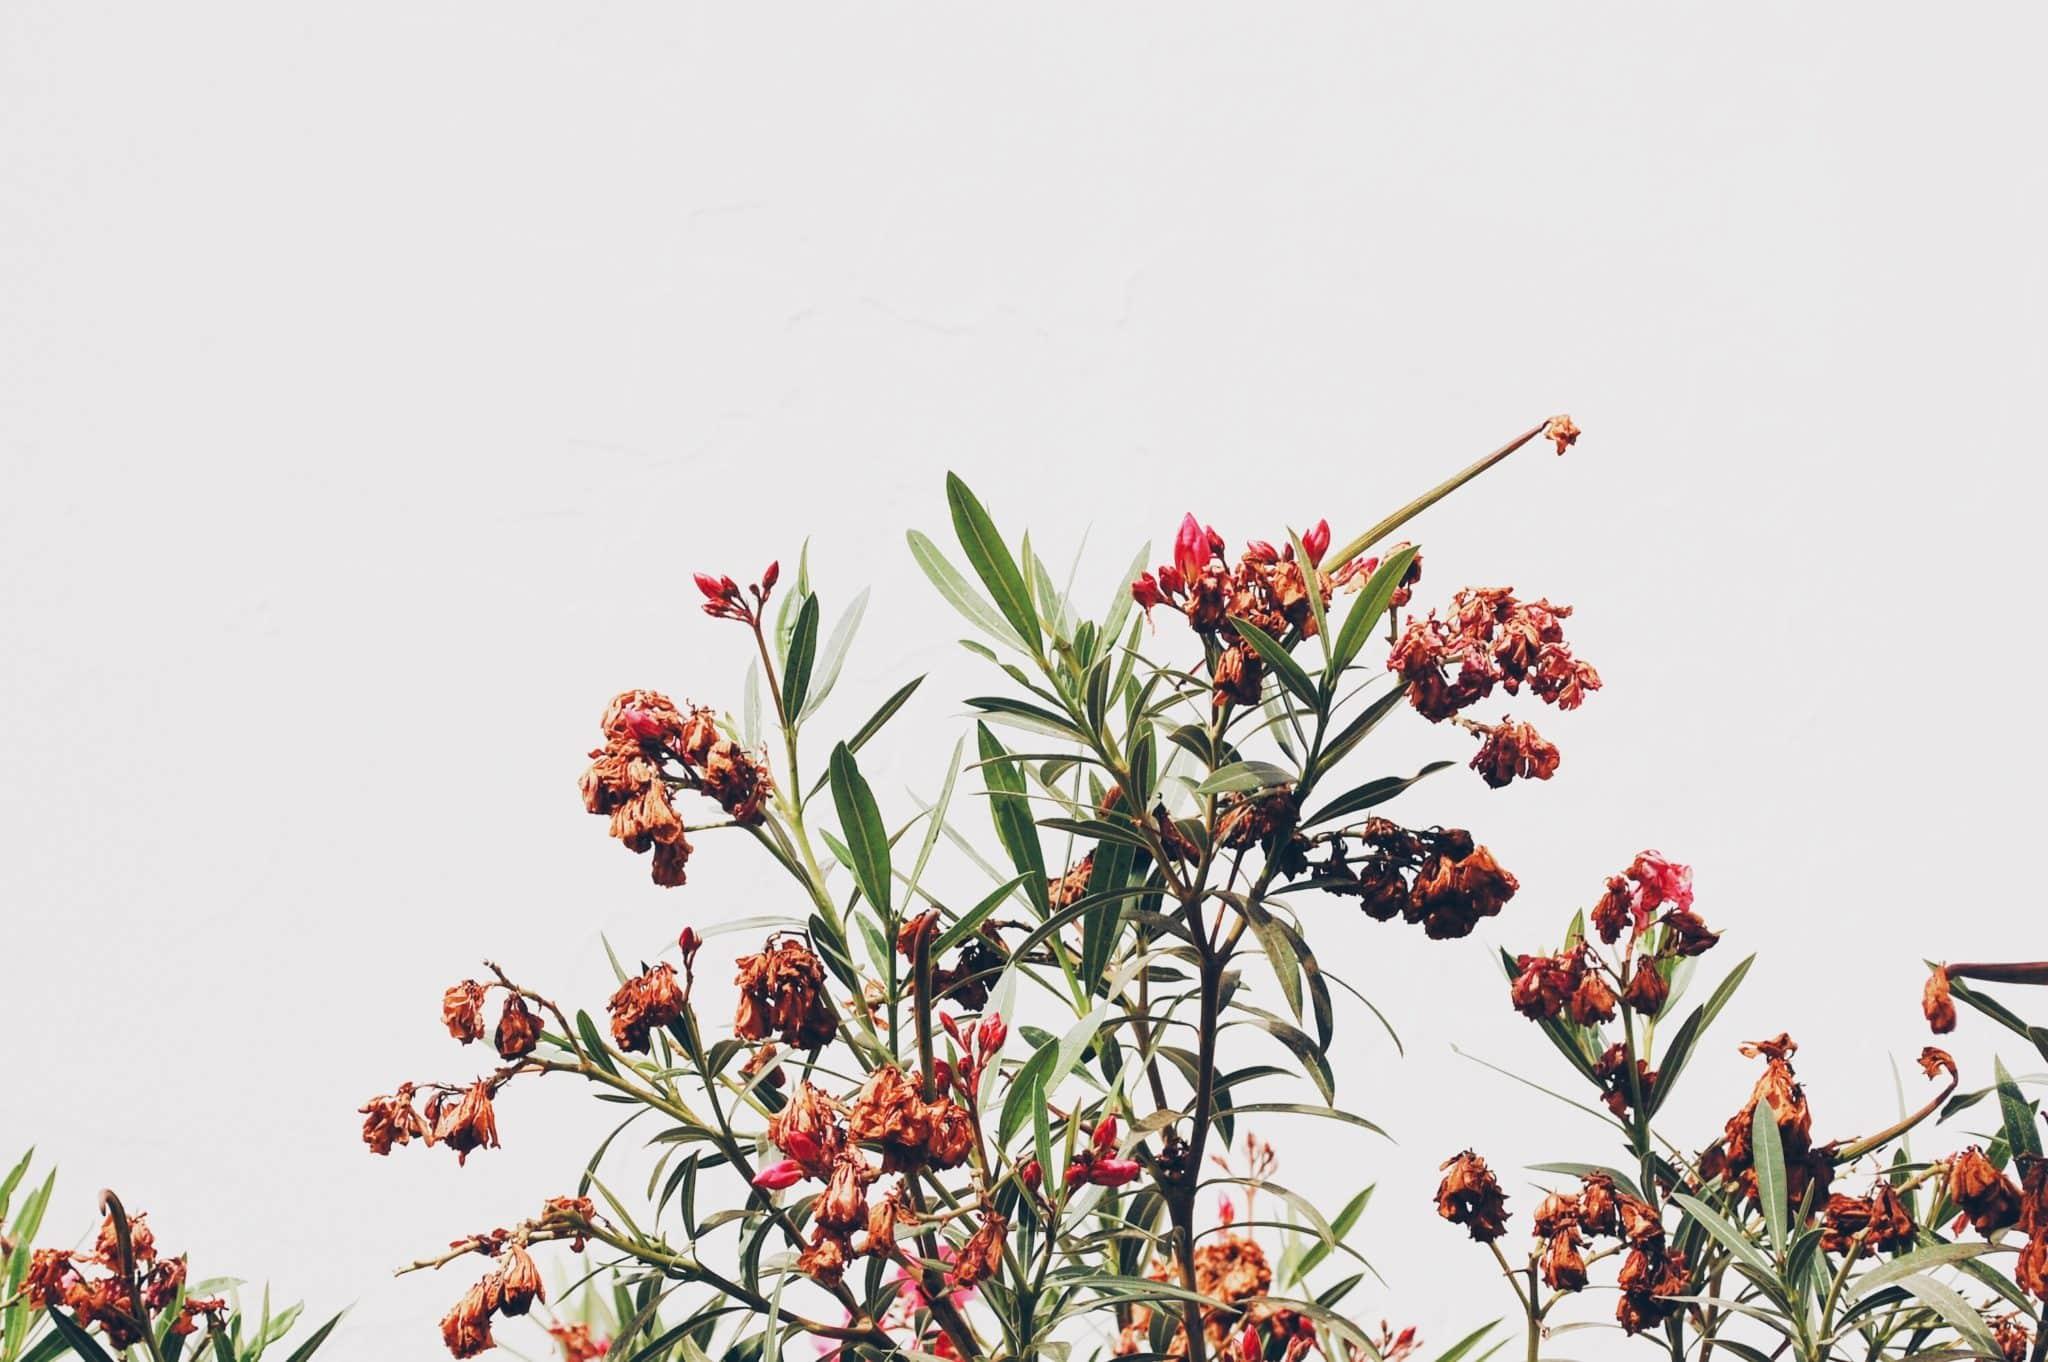 Useful 7 Beginners Steps How to Make an Organic Garden